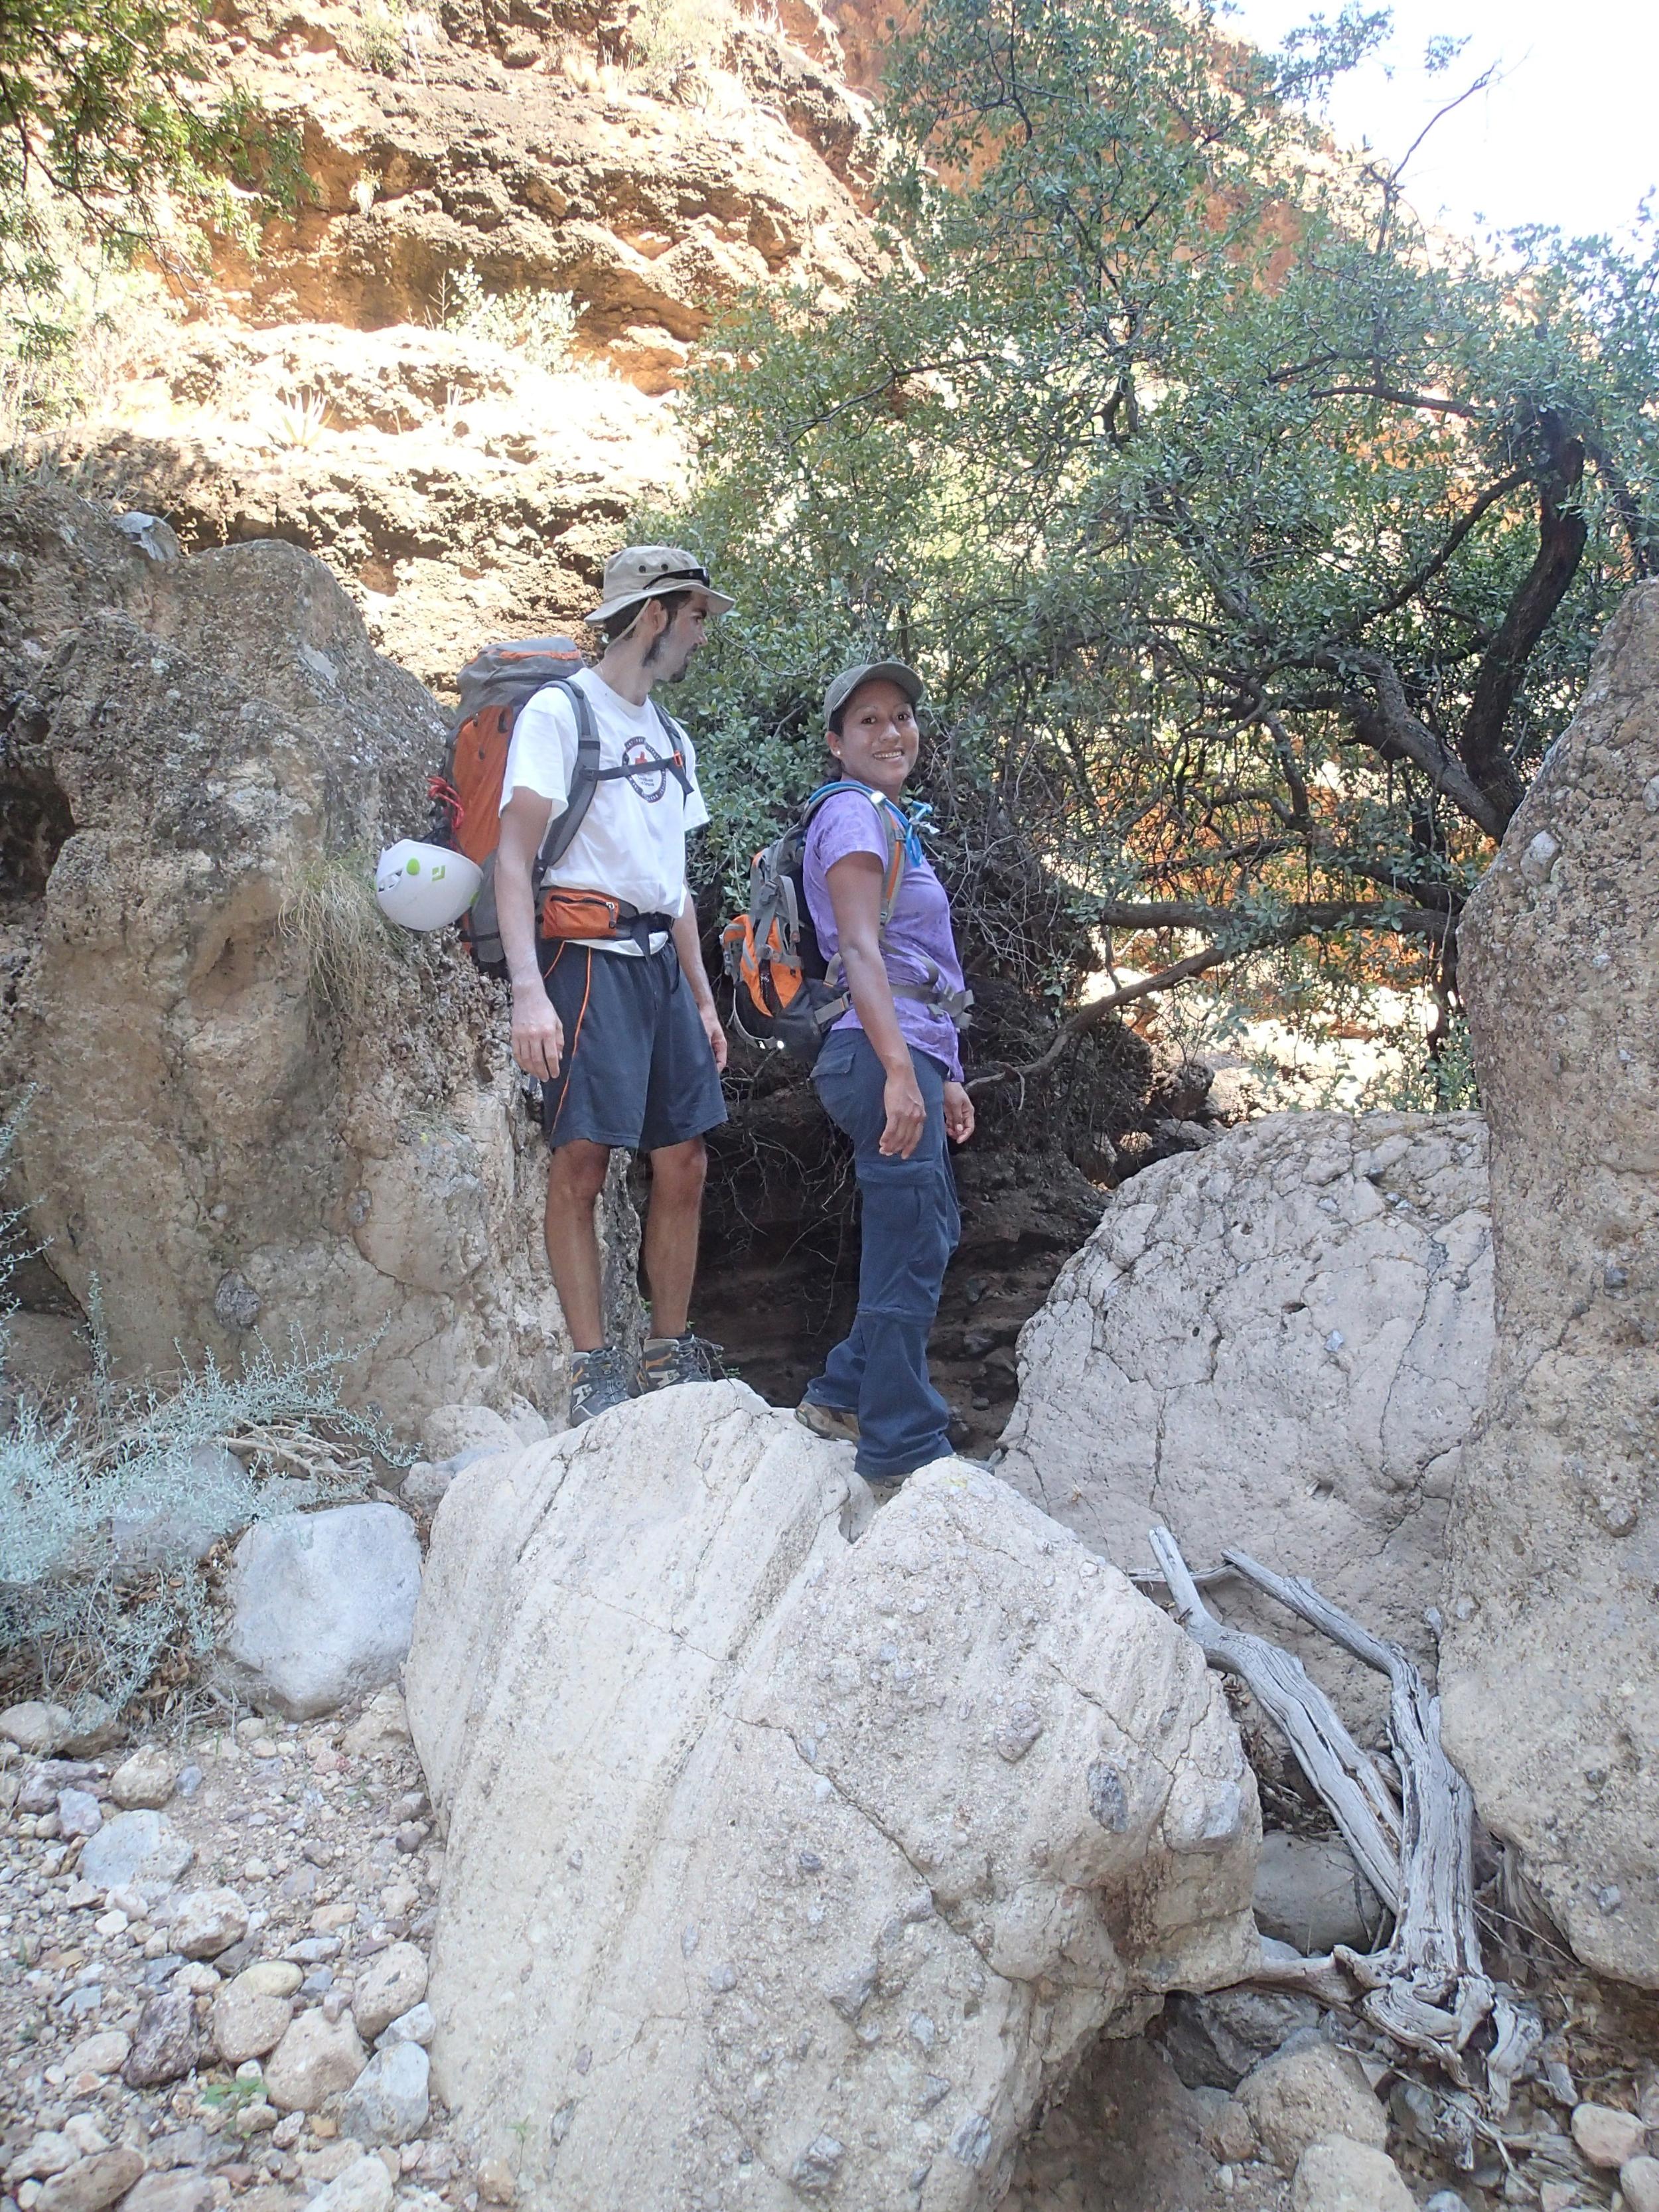 Minnow Canyon - Canyoneering, AZ